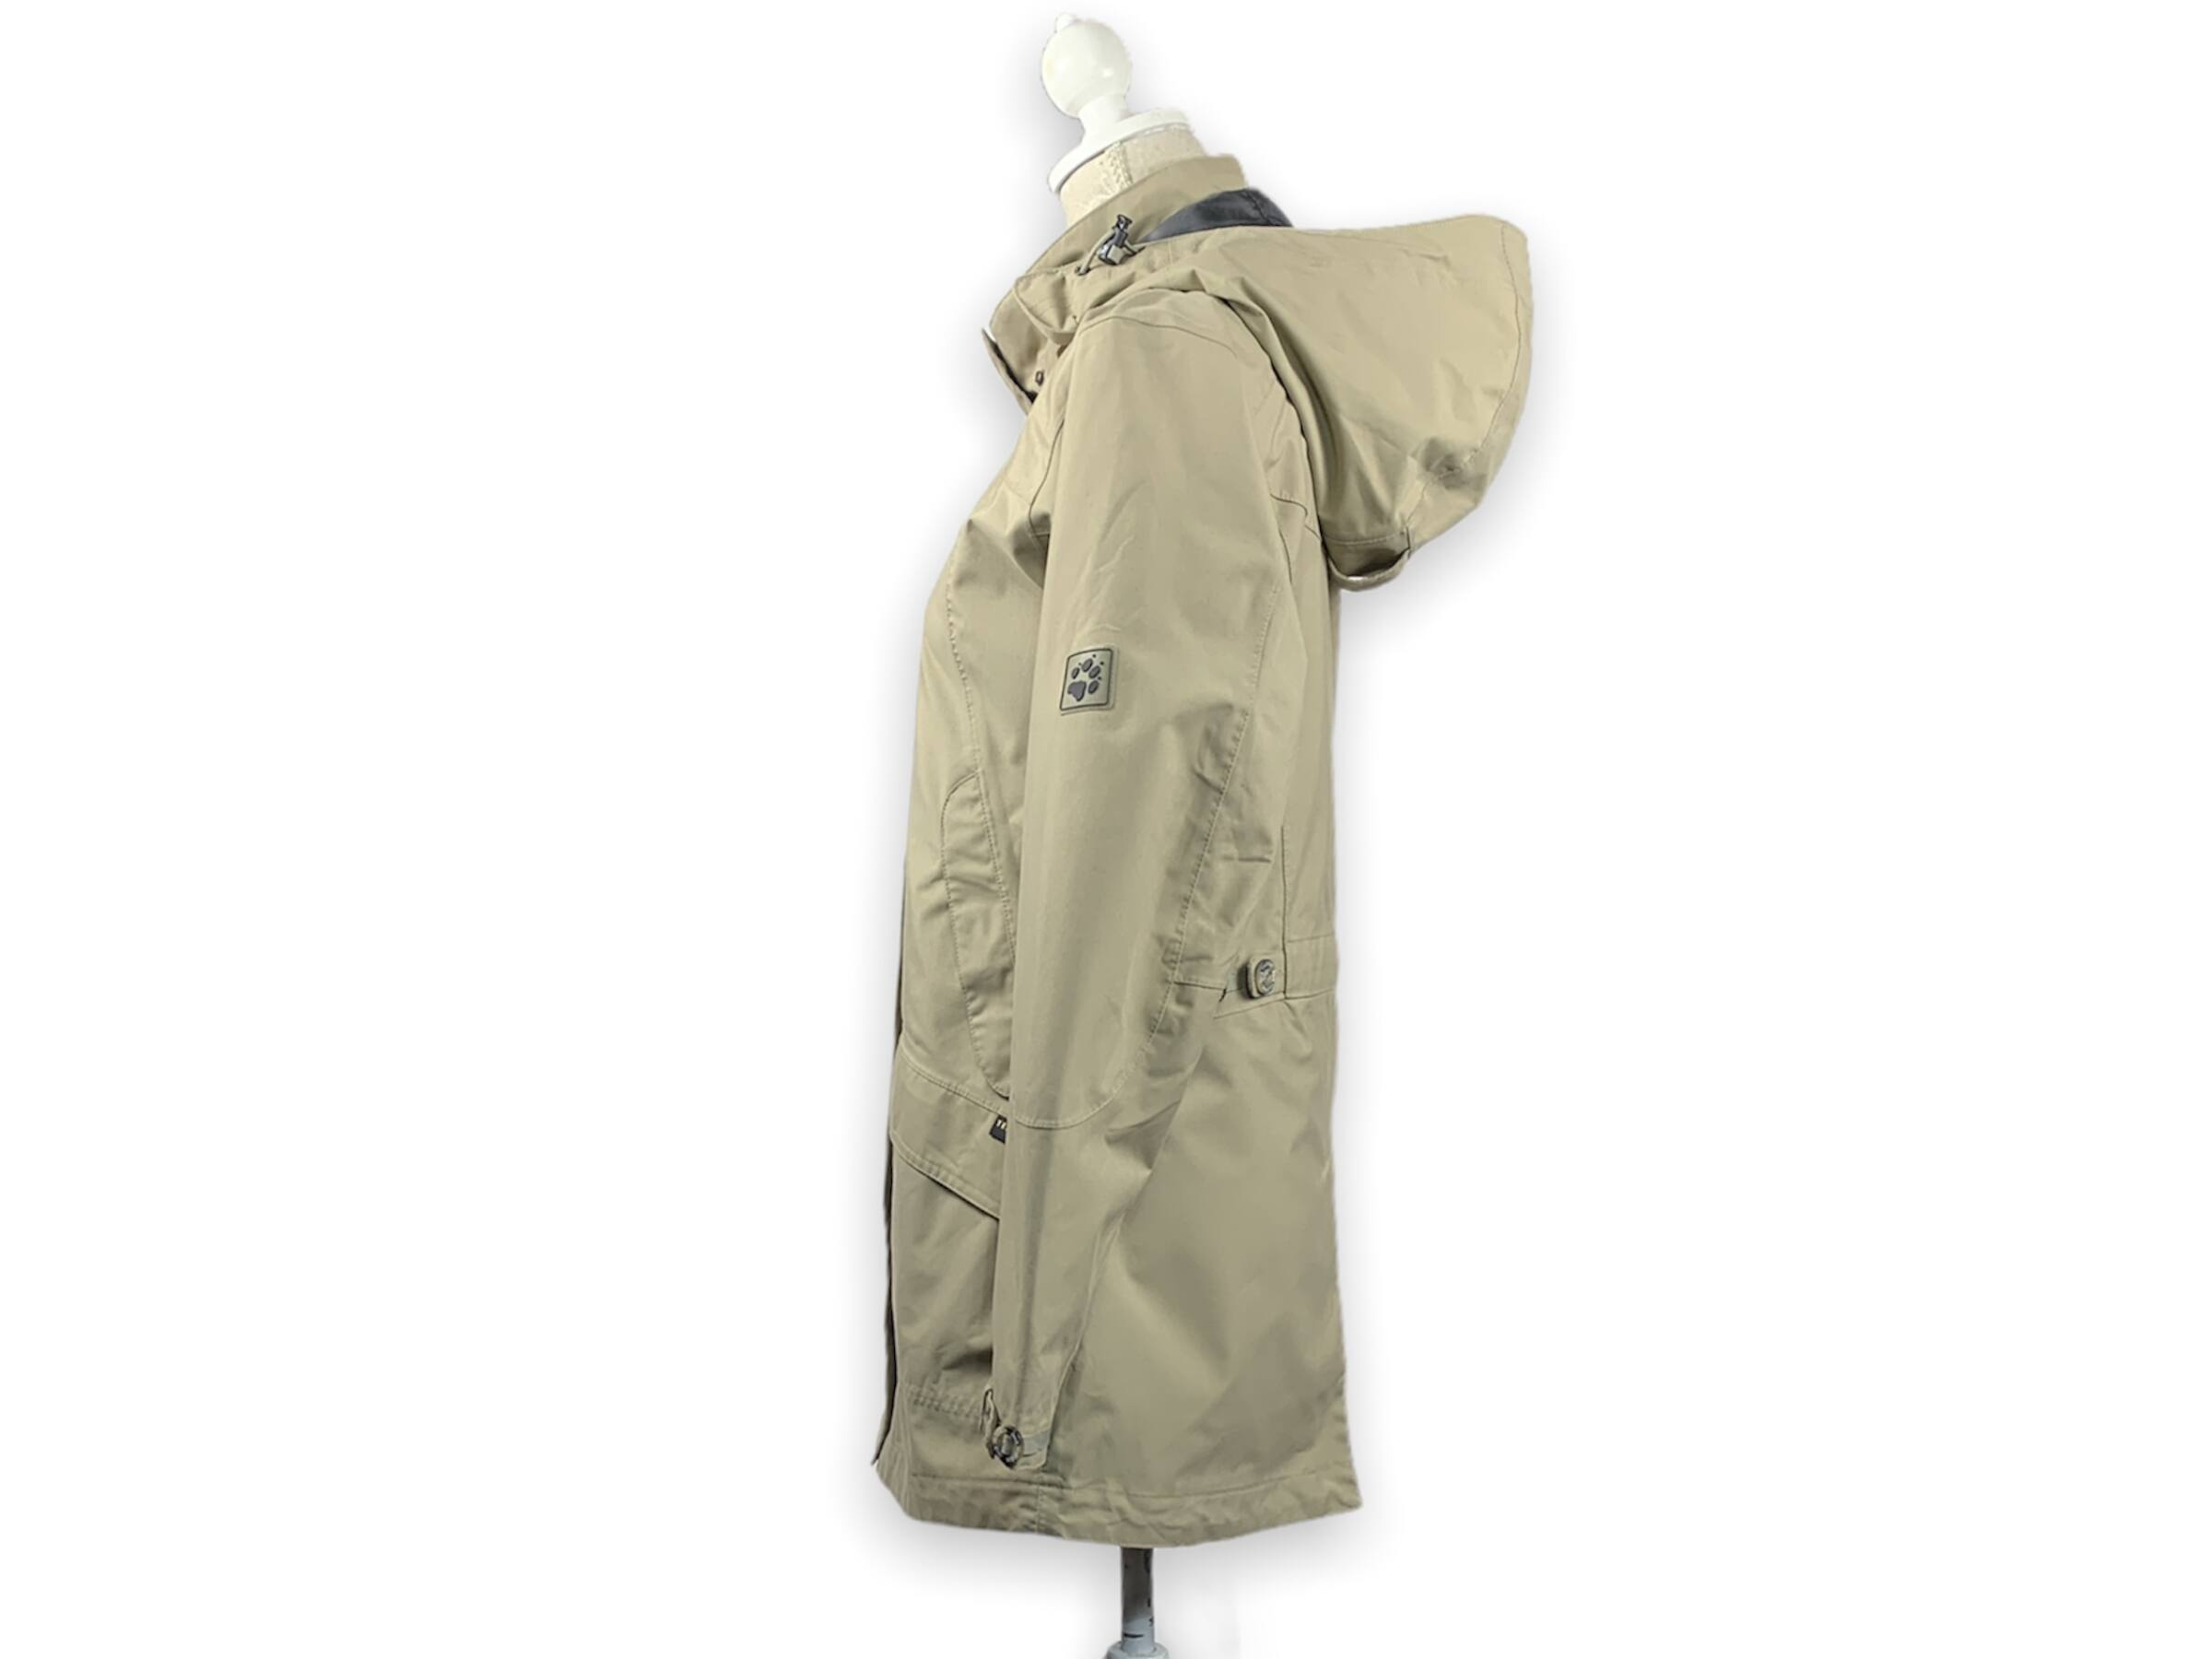 Jack Wolfskin kabát (S)